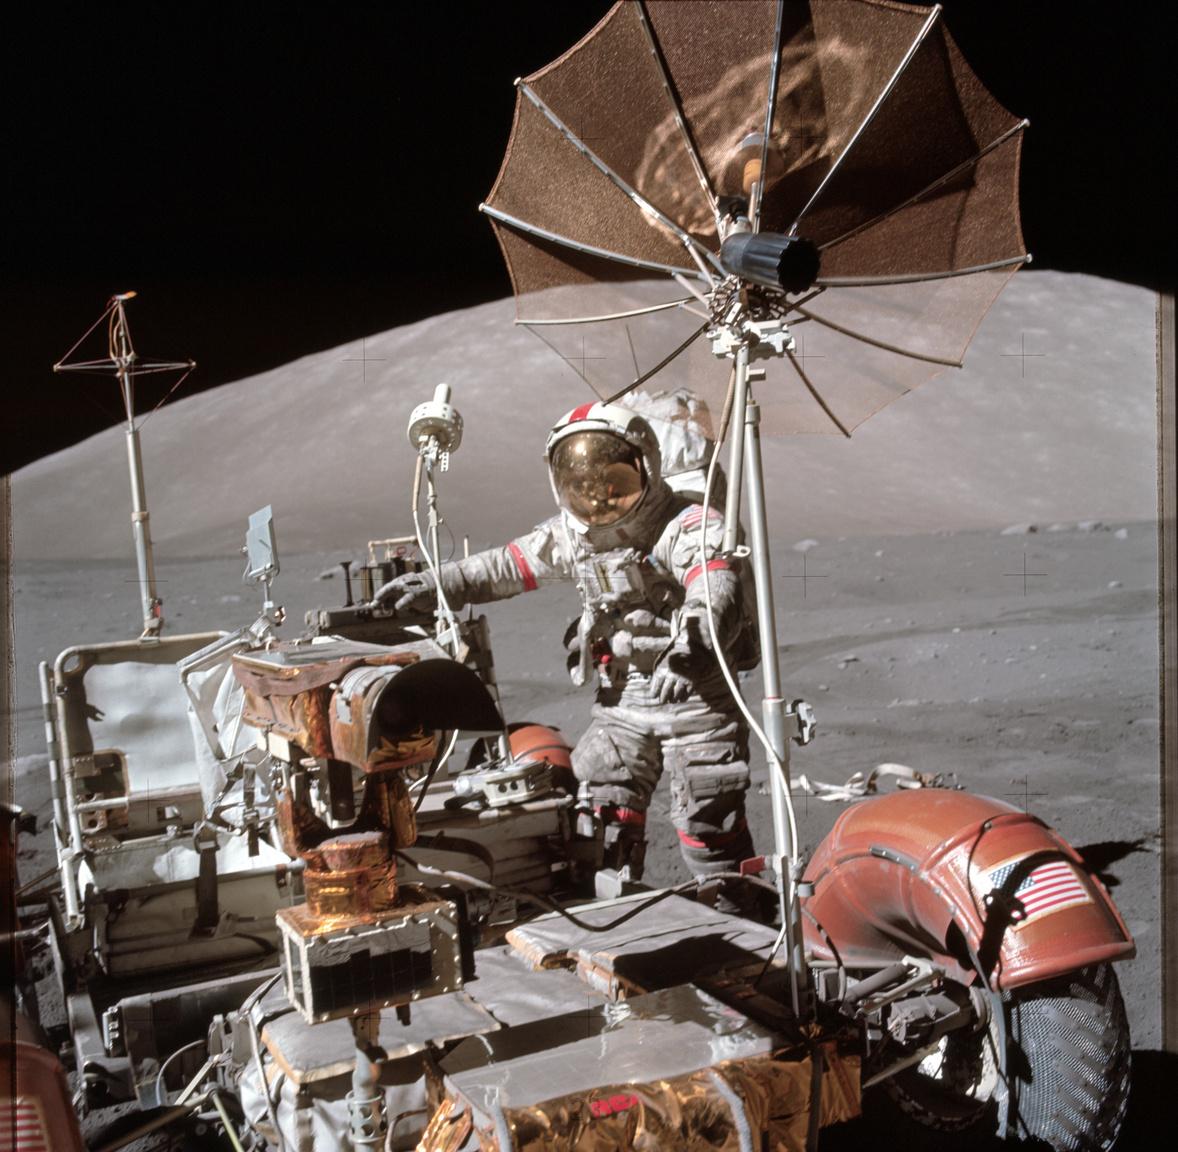 Az Apollo-17 parancsnoka, Eugene Cernan a leparkolt holdjáró mellett. A képet több helyen is érdemes tüzetesebben megnézni. A bal sarokban látszik, ahogy a hátsó kerék sárvédője megtört és térképeket odaragasztva küszöbölték ki a csorbát az űrhajósok. Cernan ruhája valamennyire beszürkült a Hold felszínéről ráragadt portól, többek között ezért is volt fontos része a holdjárónak sárhányó: a fehér ruhára rakódó sötét por rontotta a hőálló képességeit a szkafandernek, ezzel veszélyeztetve az asztronauták életét. A harmadik érdekesség ami jól megfigyelhető a képen, az a titánhálóból készült kerék.